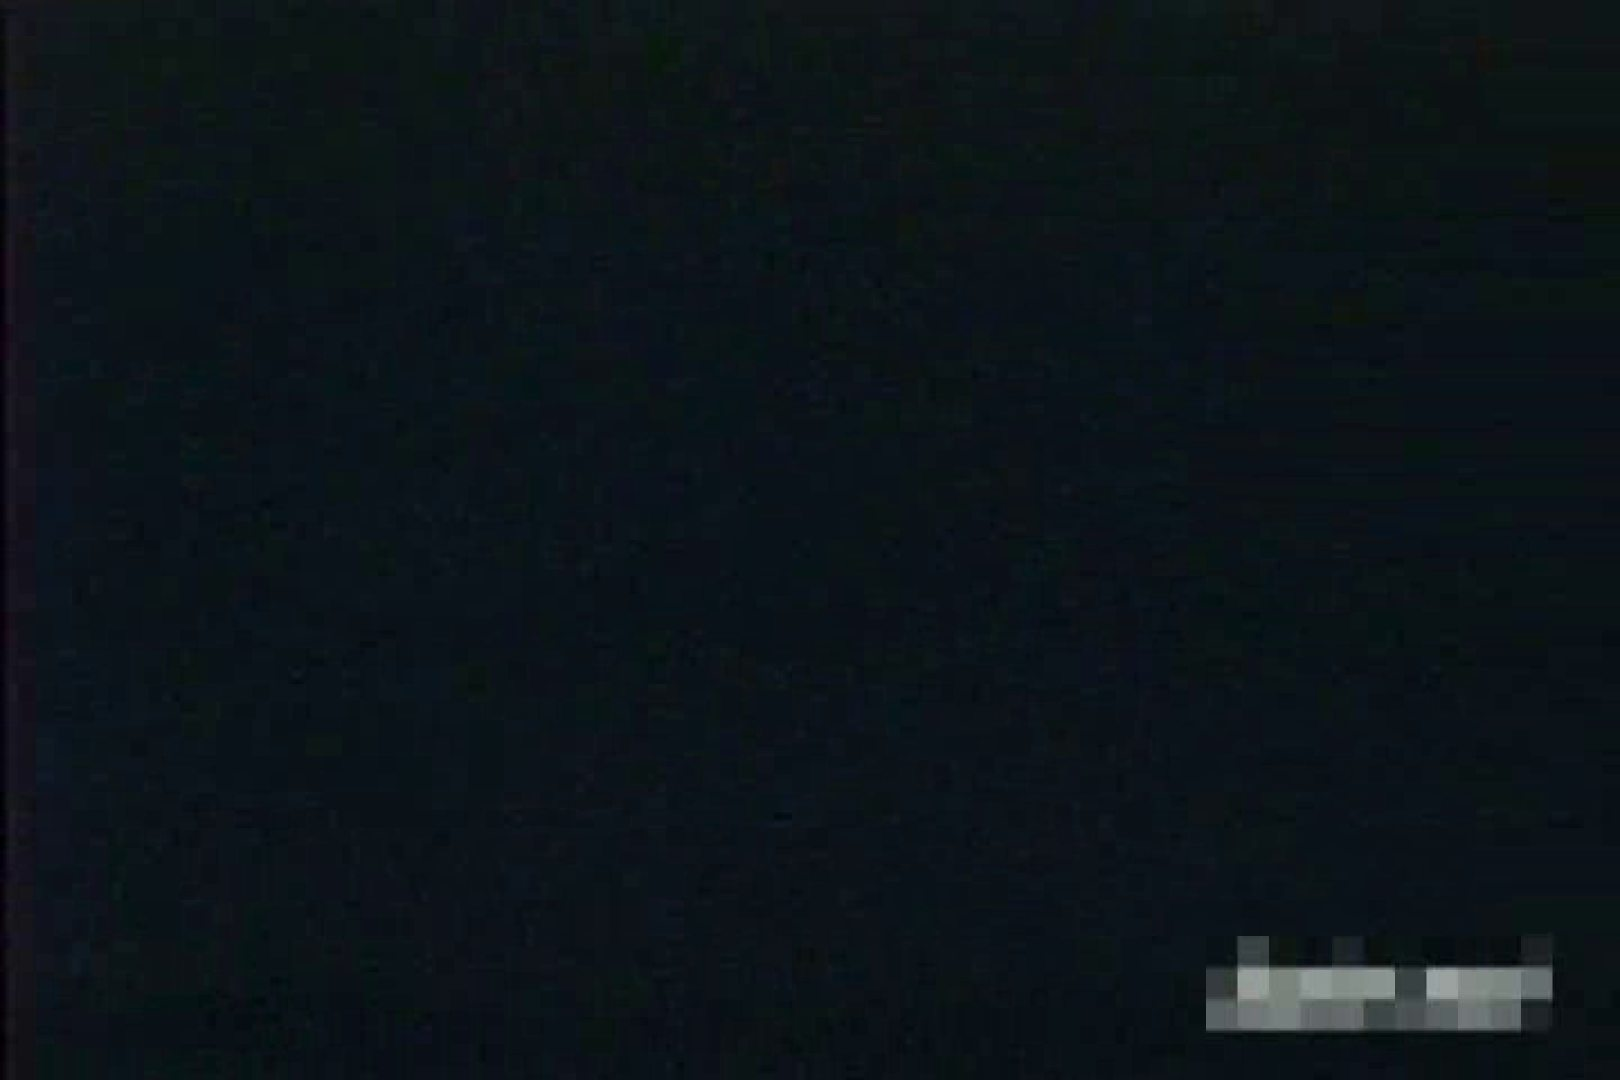 激撮ストーカー記録あなたのお宅拝見しますVol.3 マンコ映像 オマンコ無修正動画無料 26連発 10